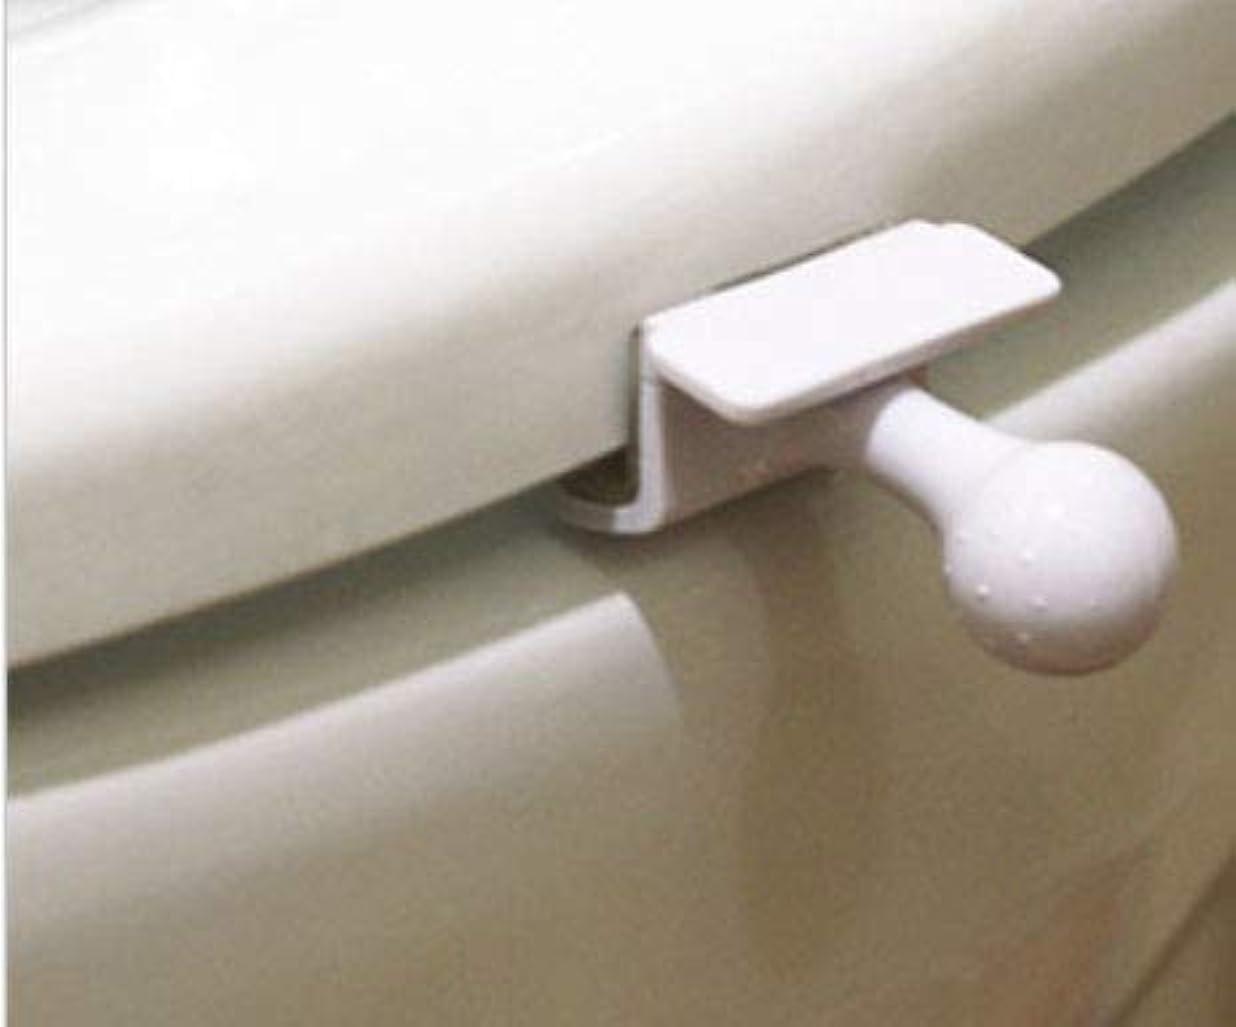 安価な時折フィードオン切手を貼り郵便局発送、トイレ 便座 取っ手 除菌 トイレ便座とって 便座ハンドル 開閉、トイレを使用する時、蓋を持ち上げる時の不愉快さを なくす、トイレの蓋を取る器具